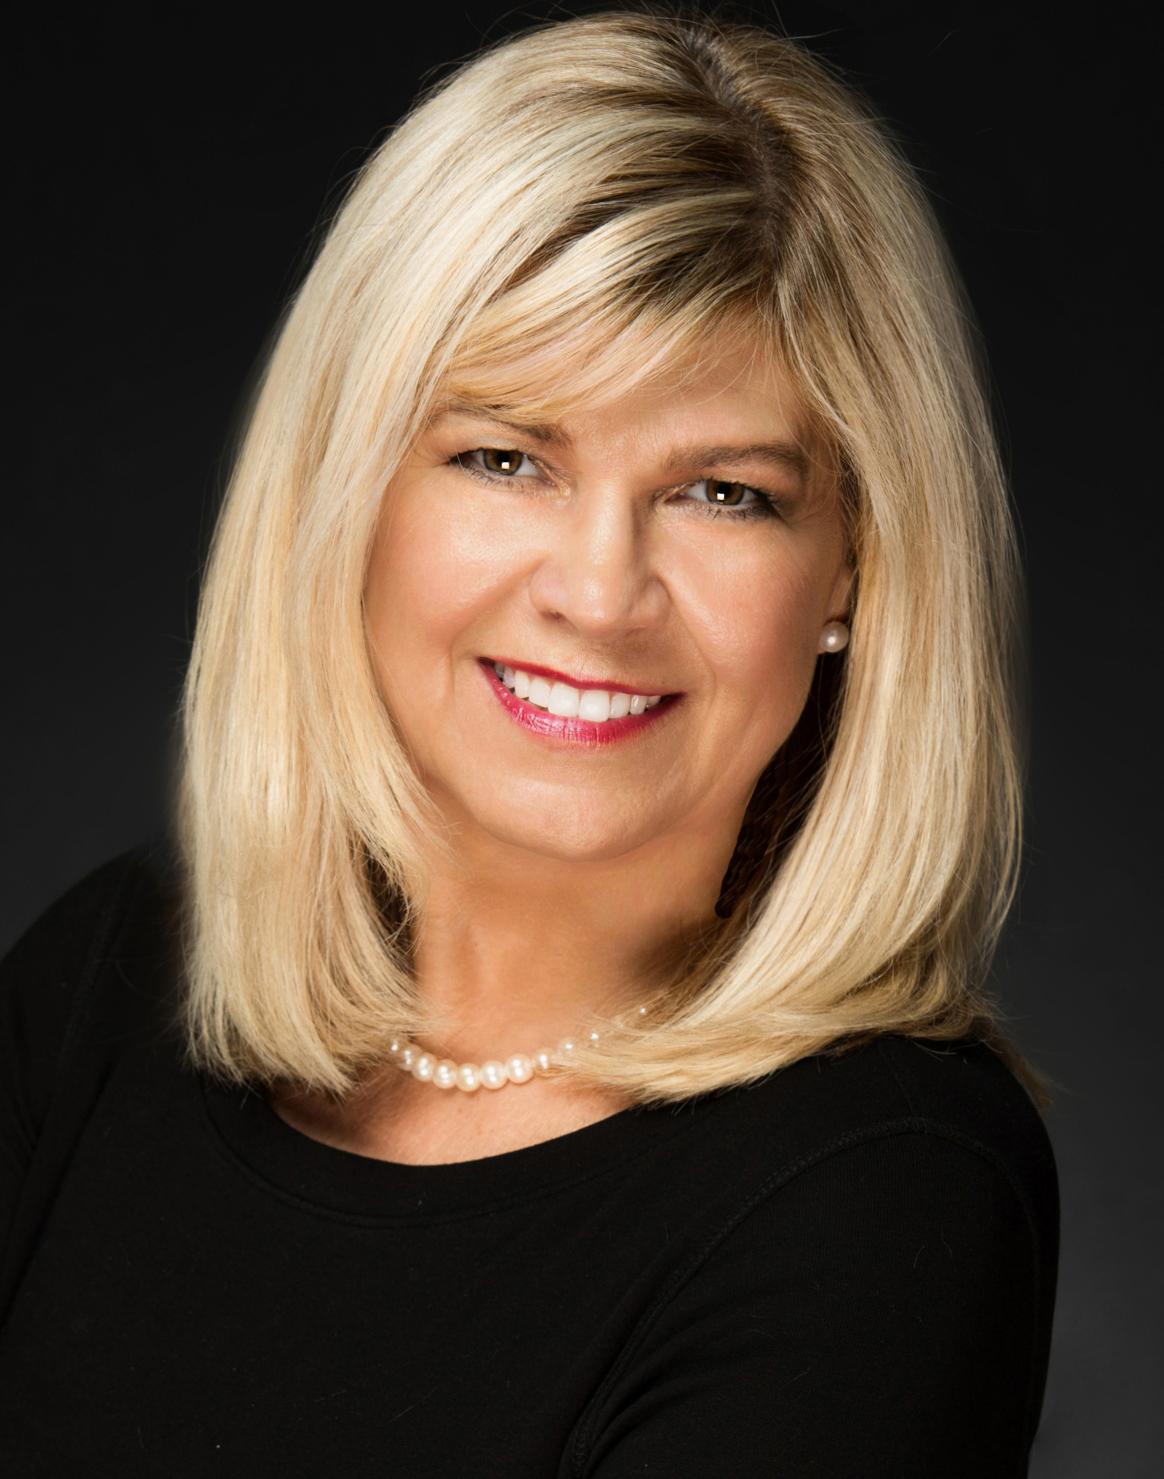 Pamela Hershberger